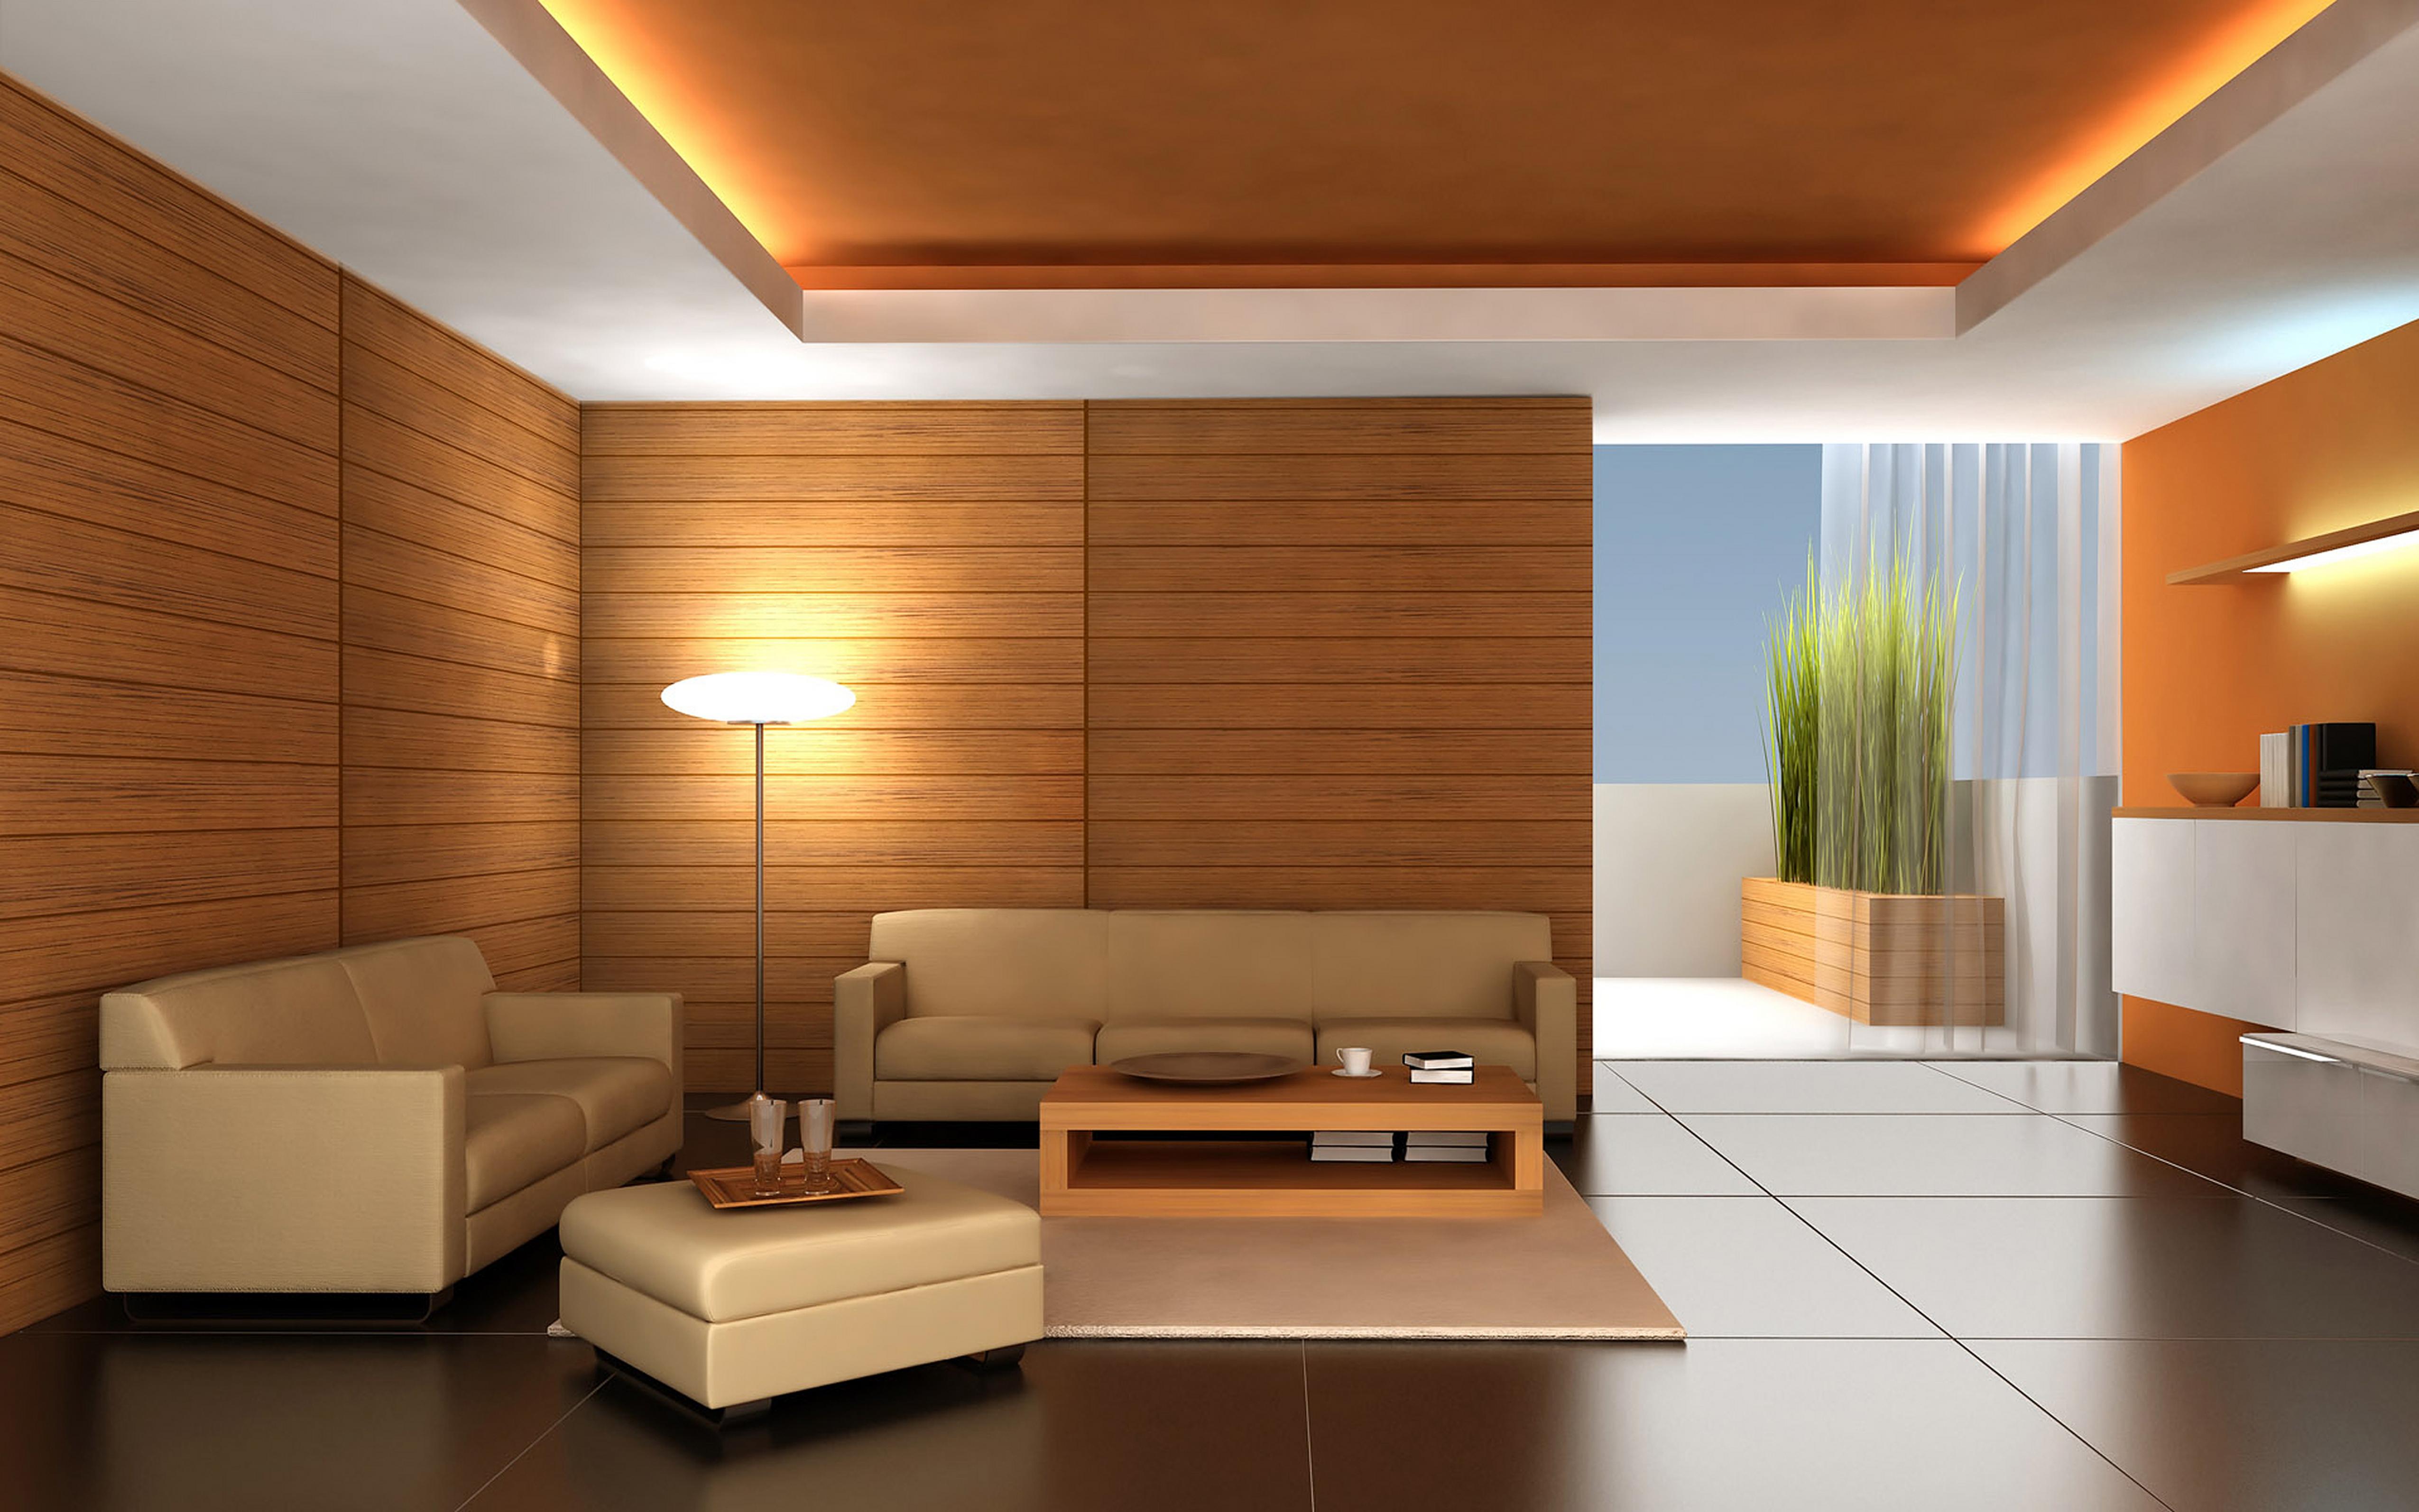 Современный интерьер гостиной потолки